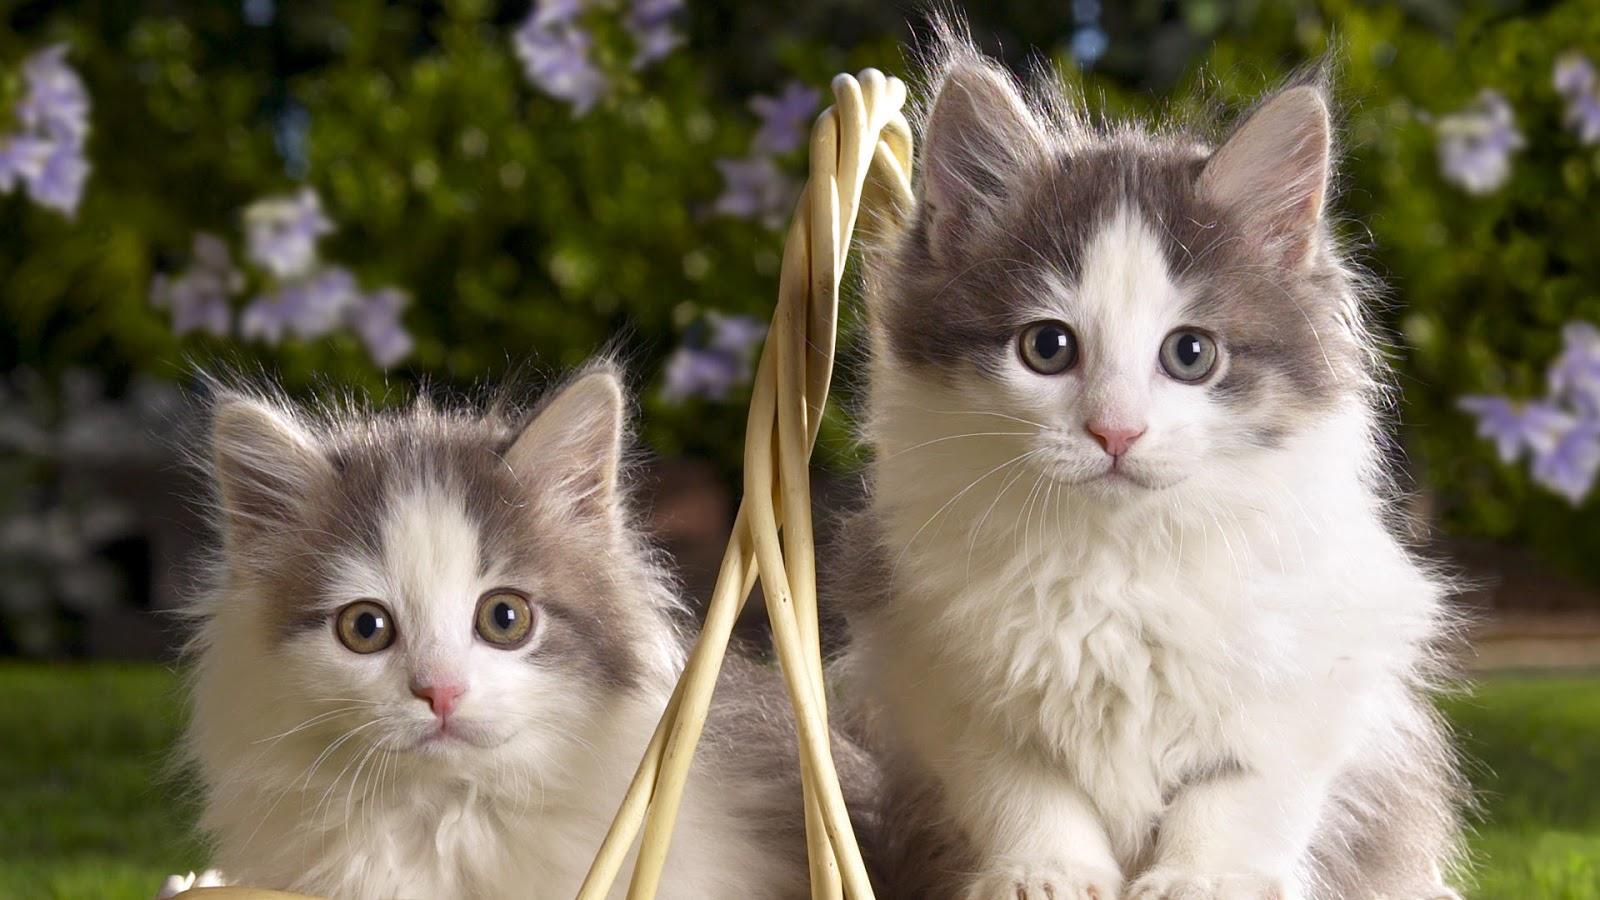 Wallpaper Gambar Hewan Lucu Ratuhumor - Cats - HD Wallpaper